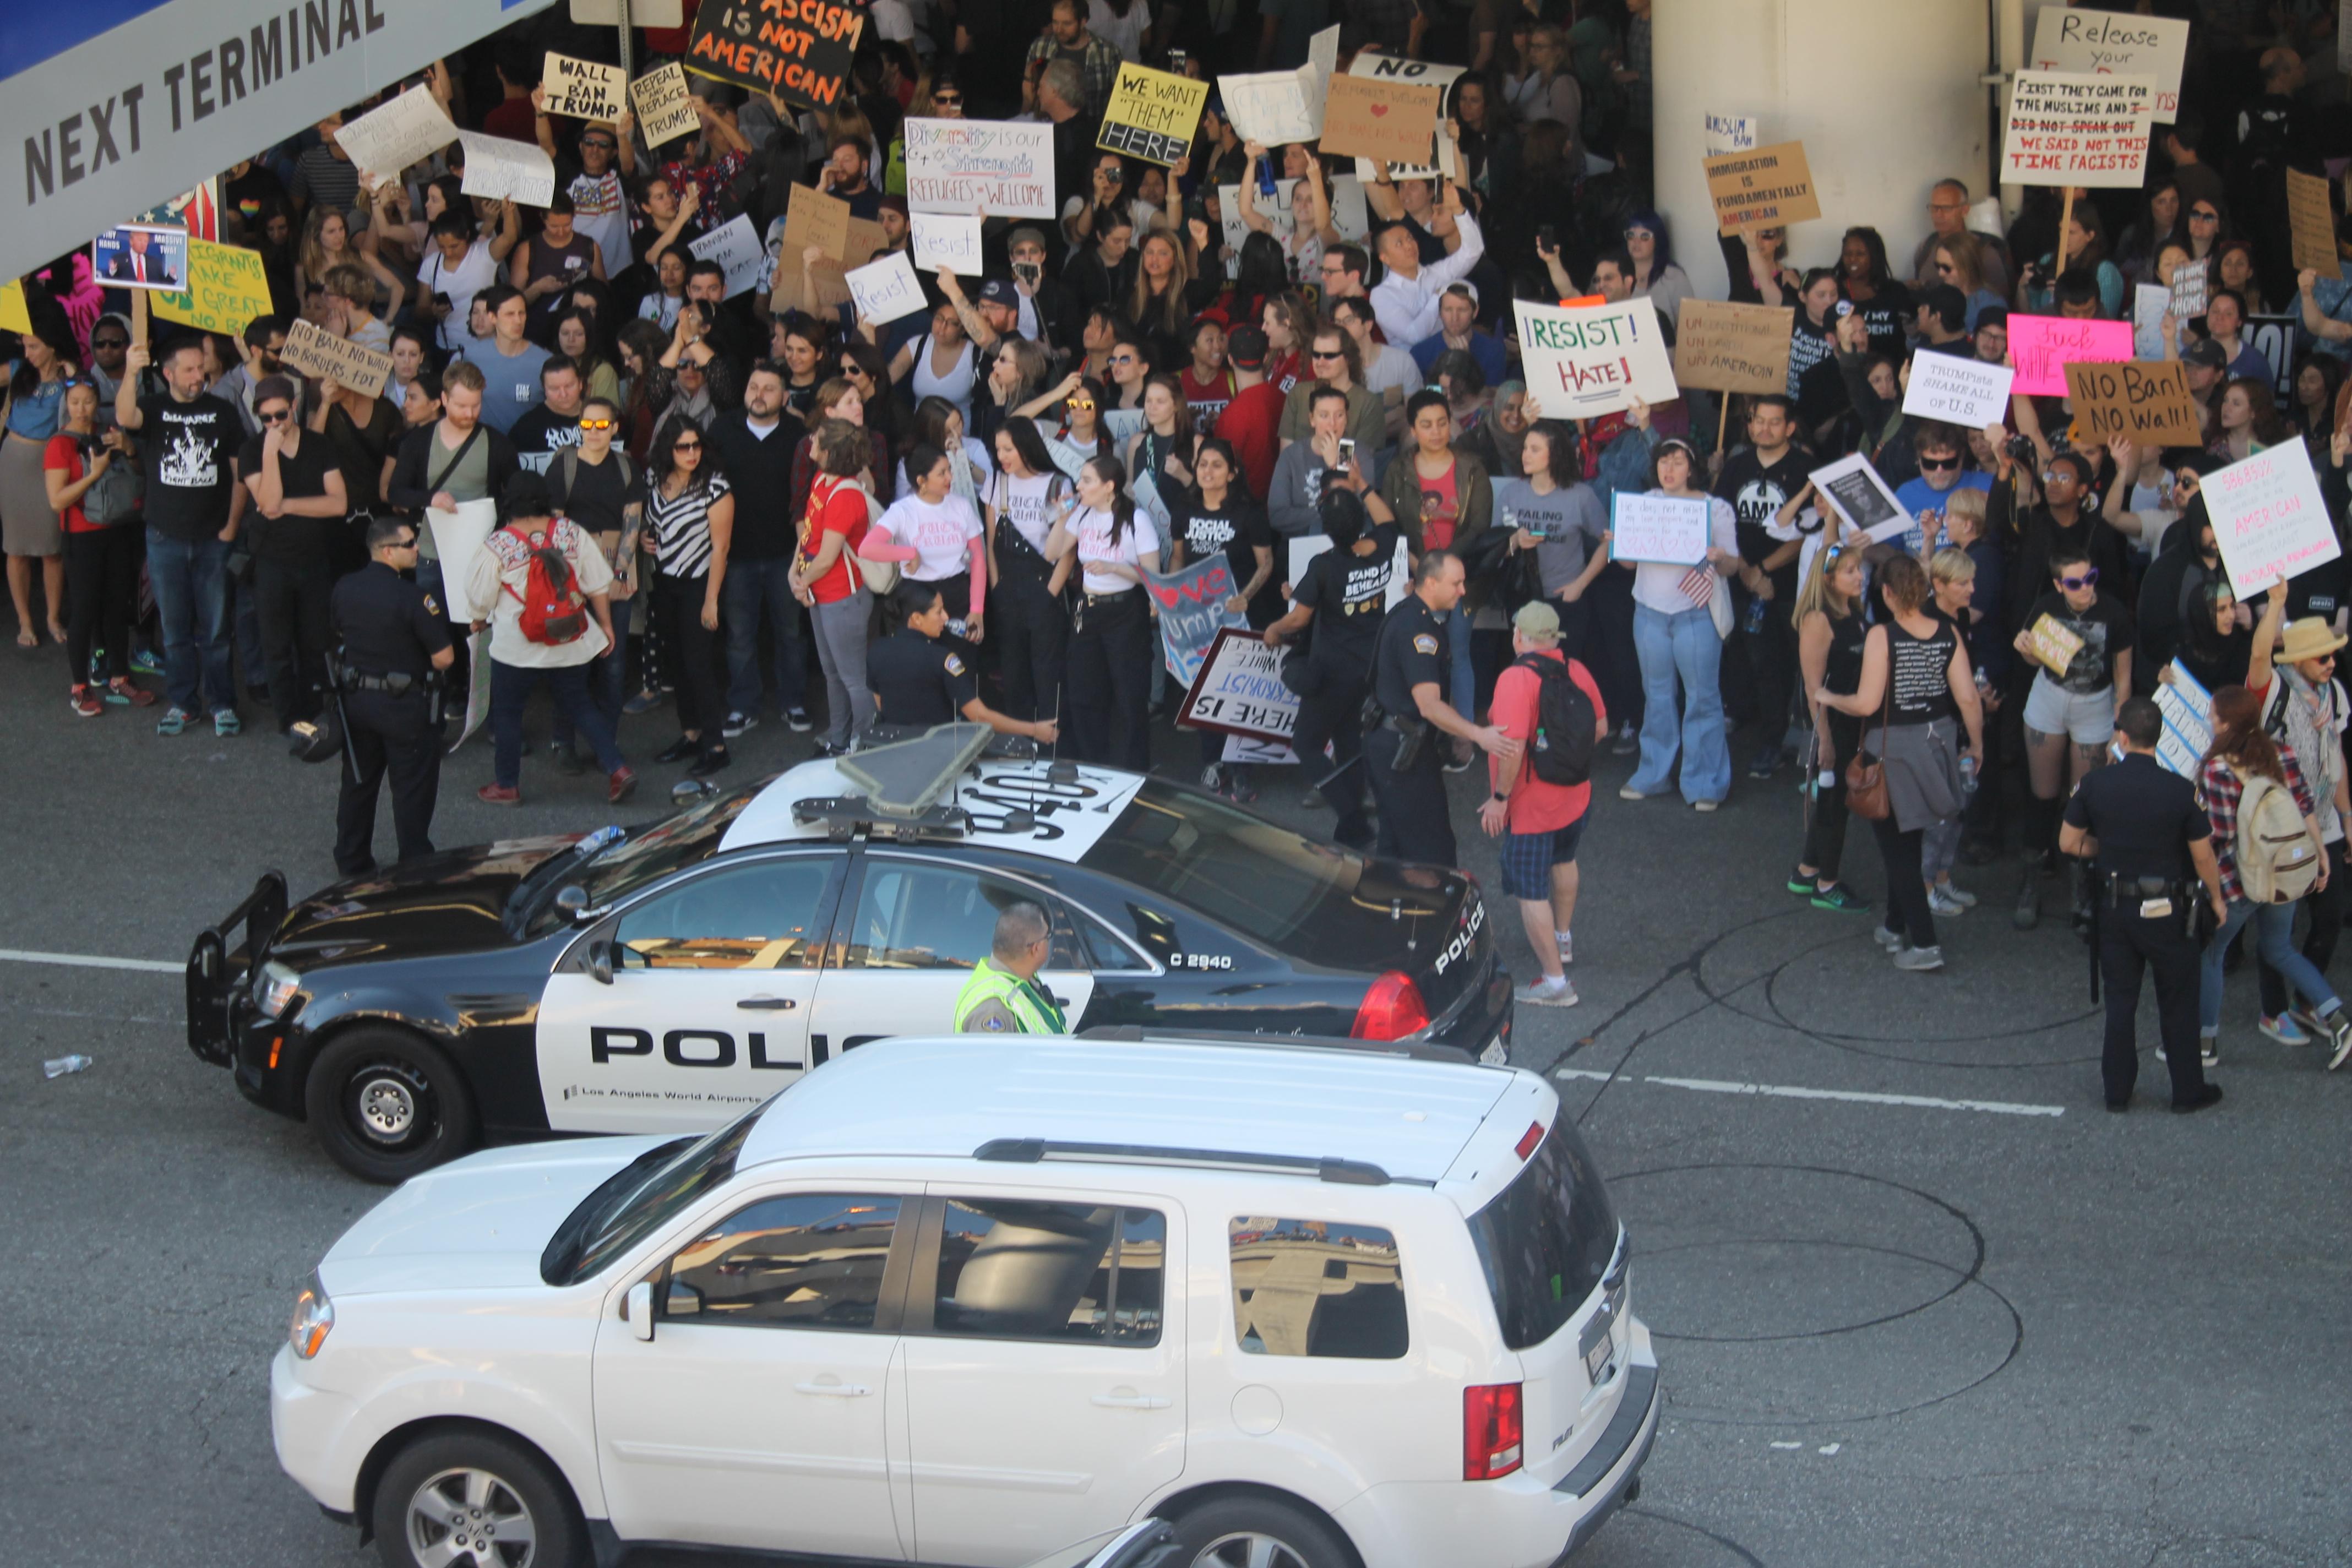 Miles de personas se congregaron hoy frente a la terminal Tom Bradley en el LAX. / Foto: Jorge Luis Macías